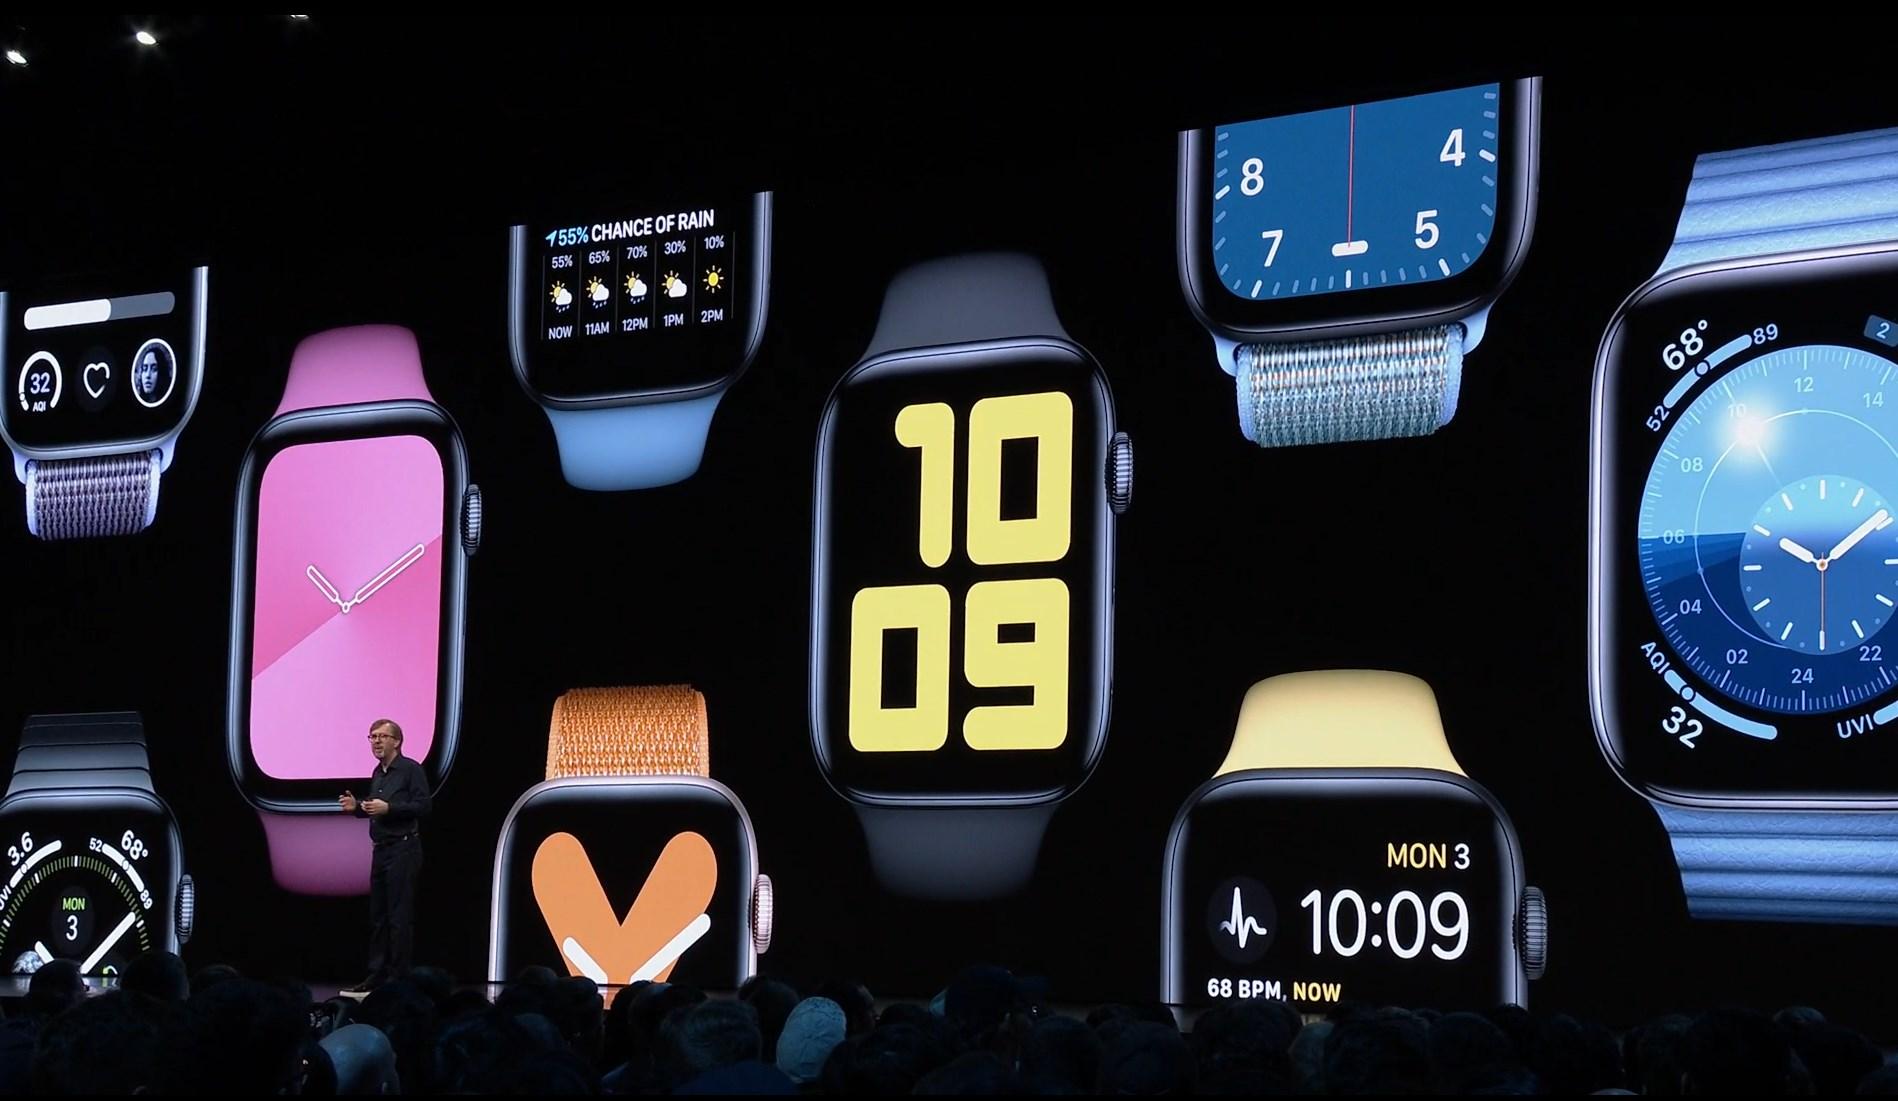 Apple watchOS 6 : l'App Store et les applications indépendantes s'invitent sur les montres connectées